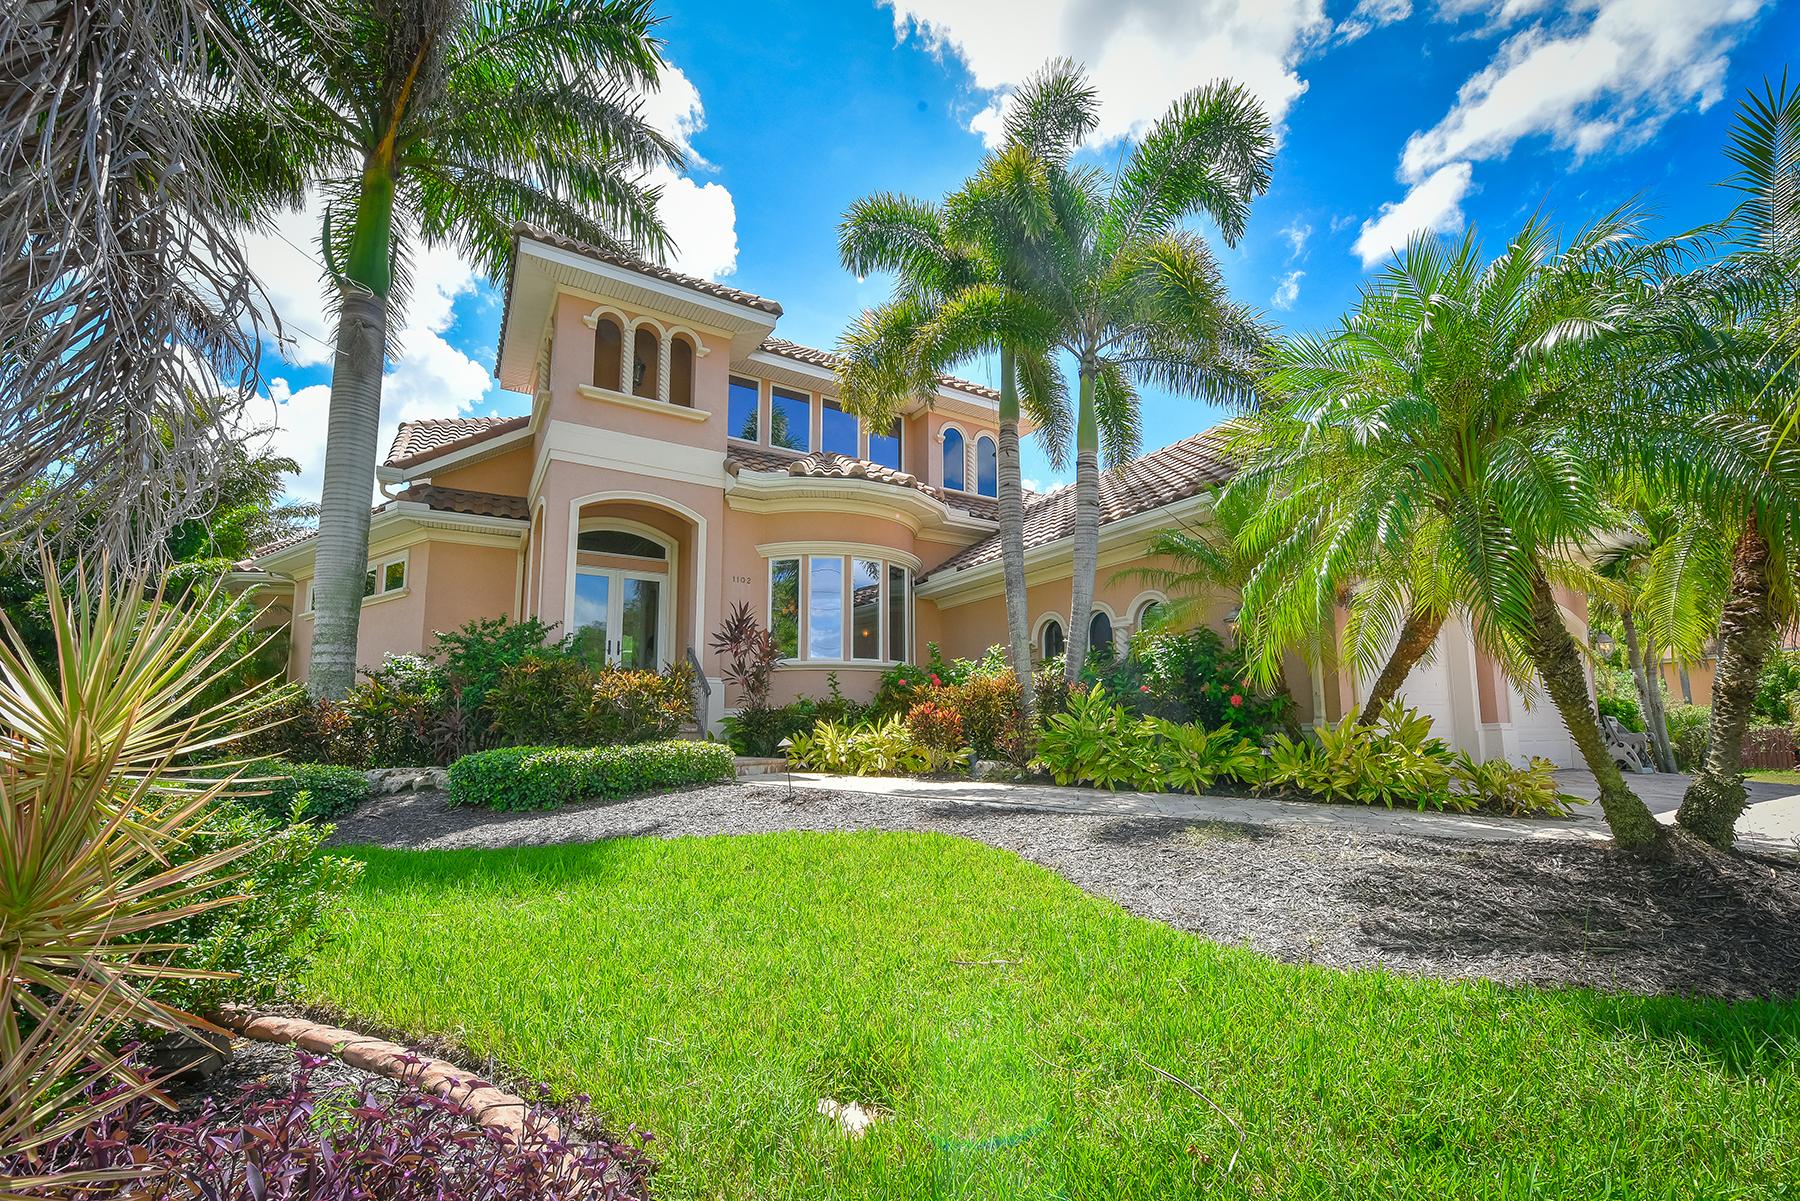 Casa Unifamiliar por un Venta en SIESTA KEY 1102 Horizon View Dr Sarasota, Florida, 34242 Estados Unidos